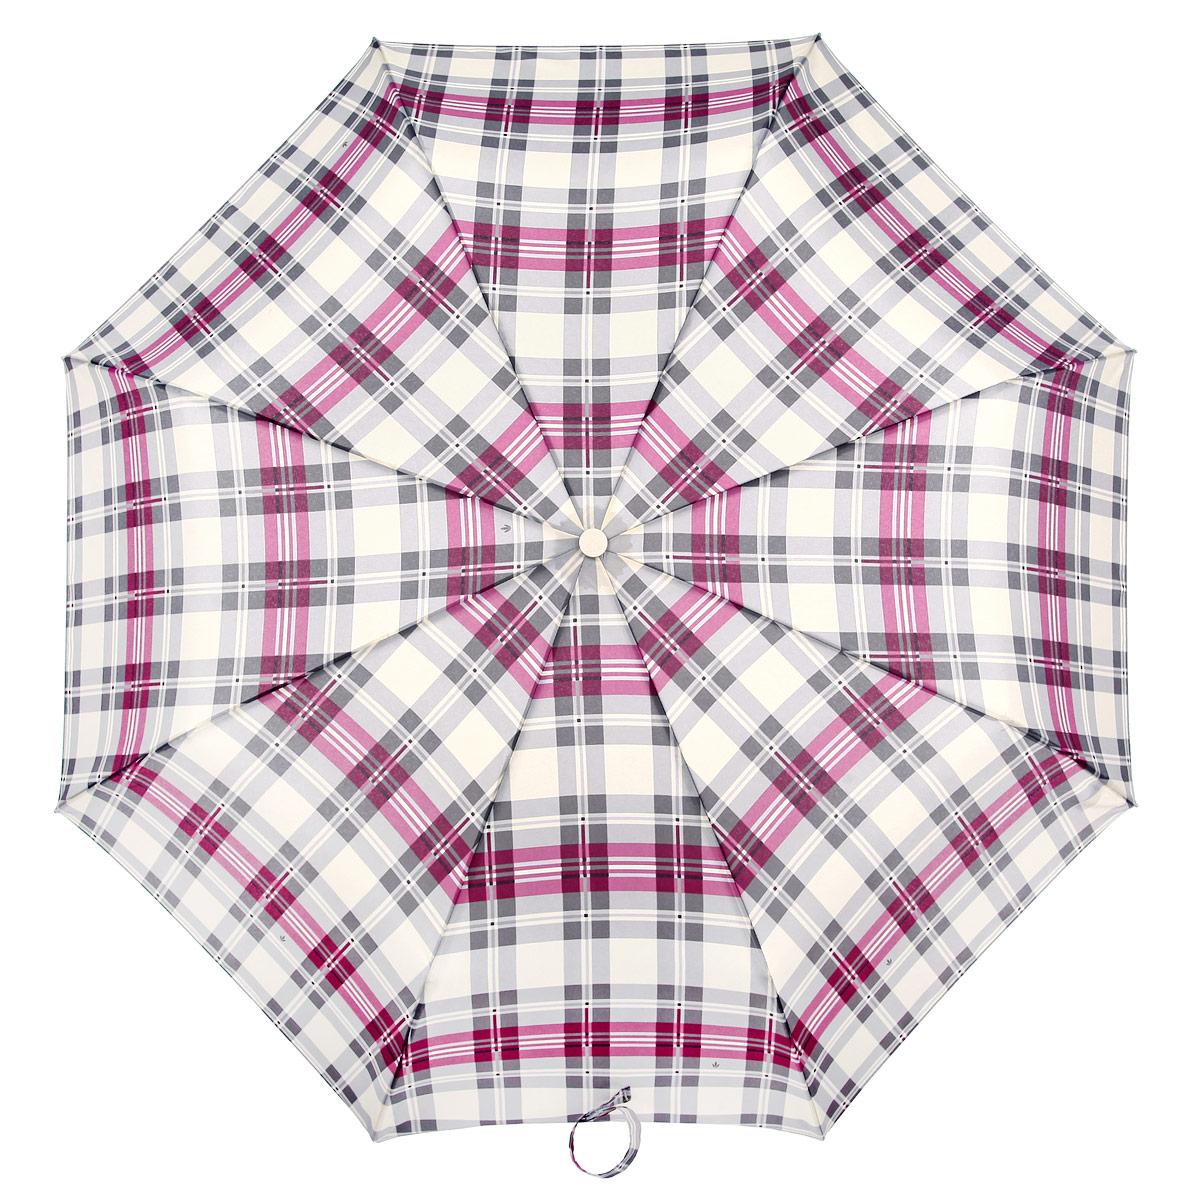 """Зонт женский Fulton """"Minilite-2. Highland Plaid"""", механический, 3 сложения, цвет: серый, фиолетовый. L354-2937"""